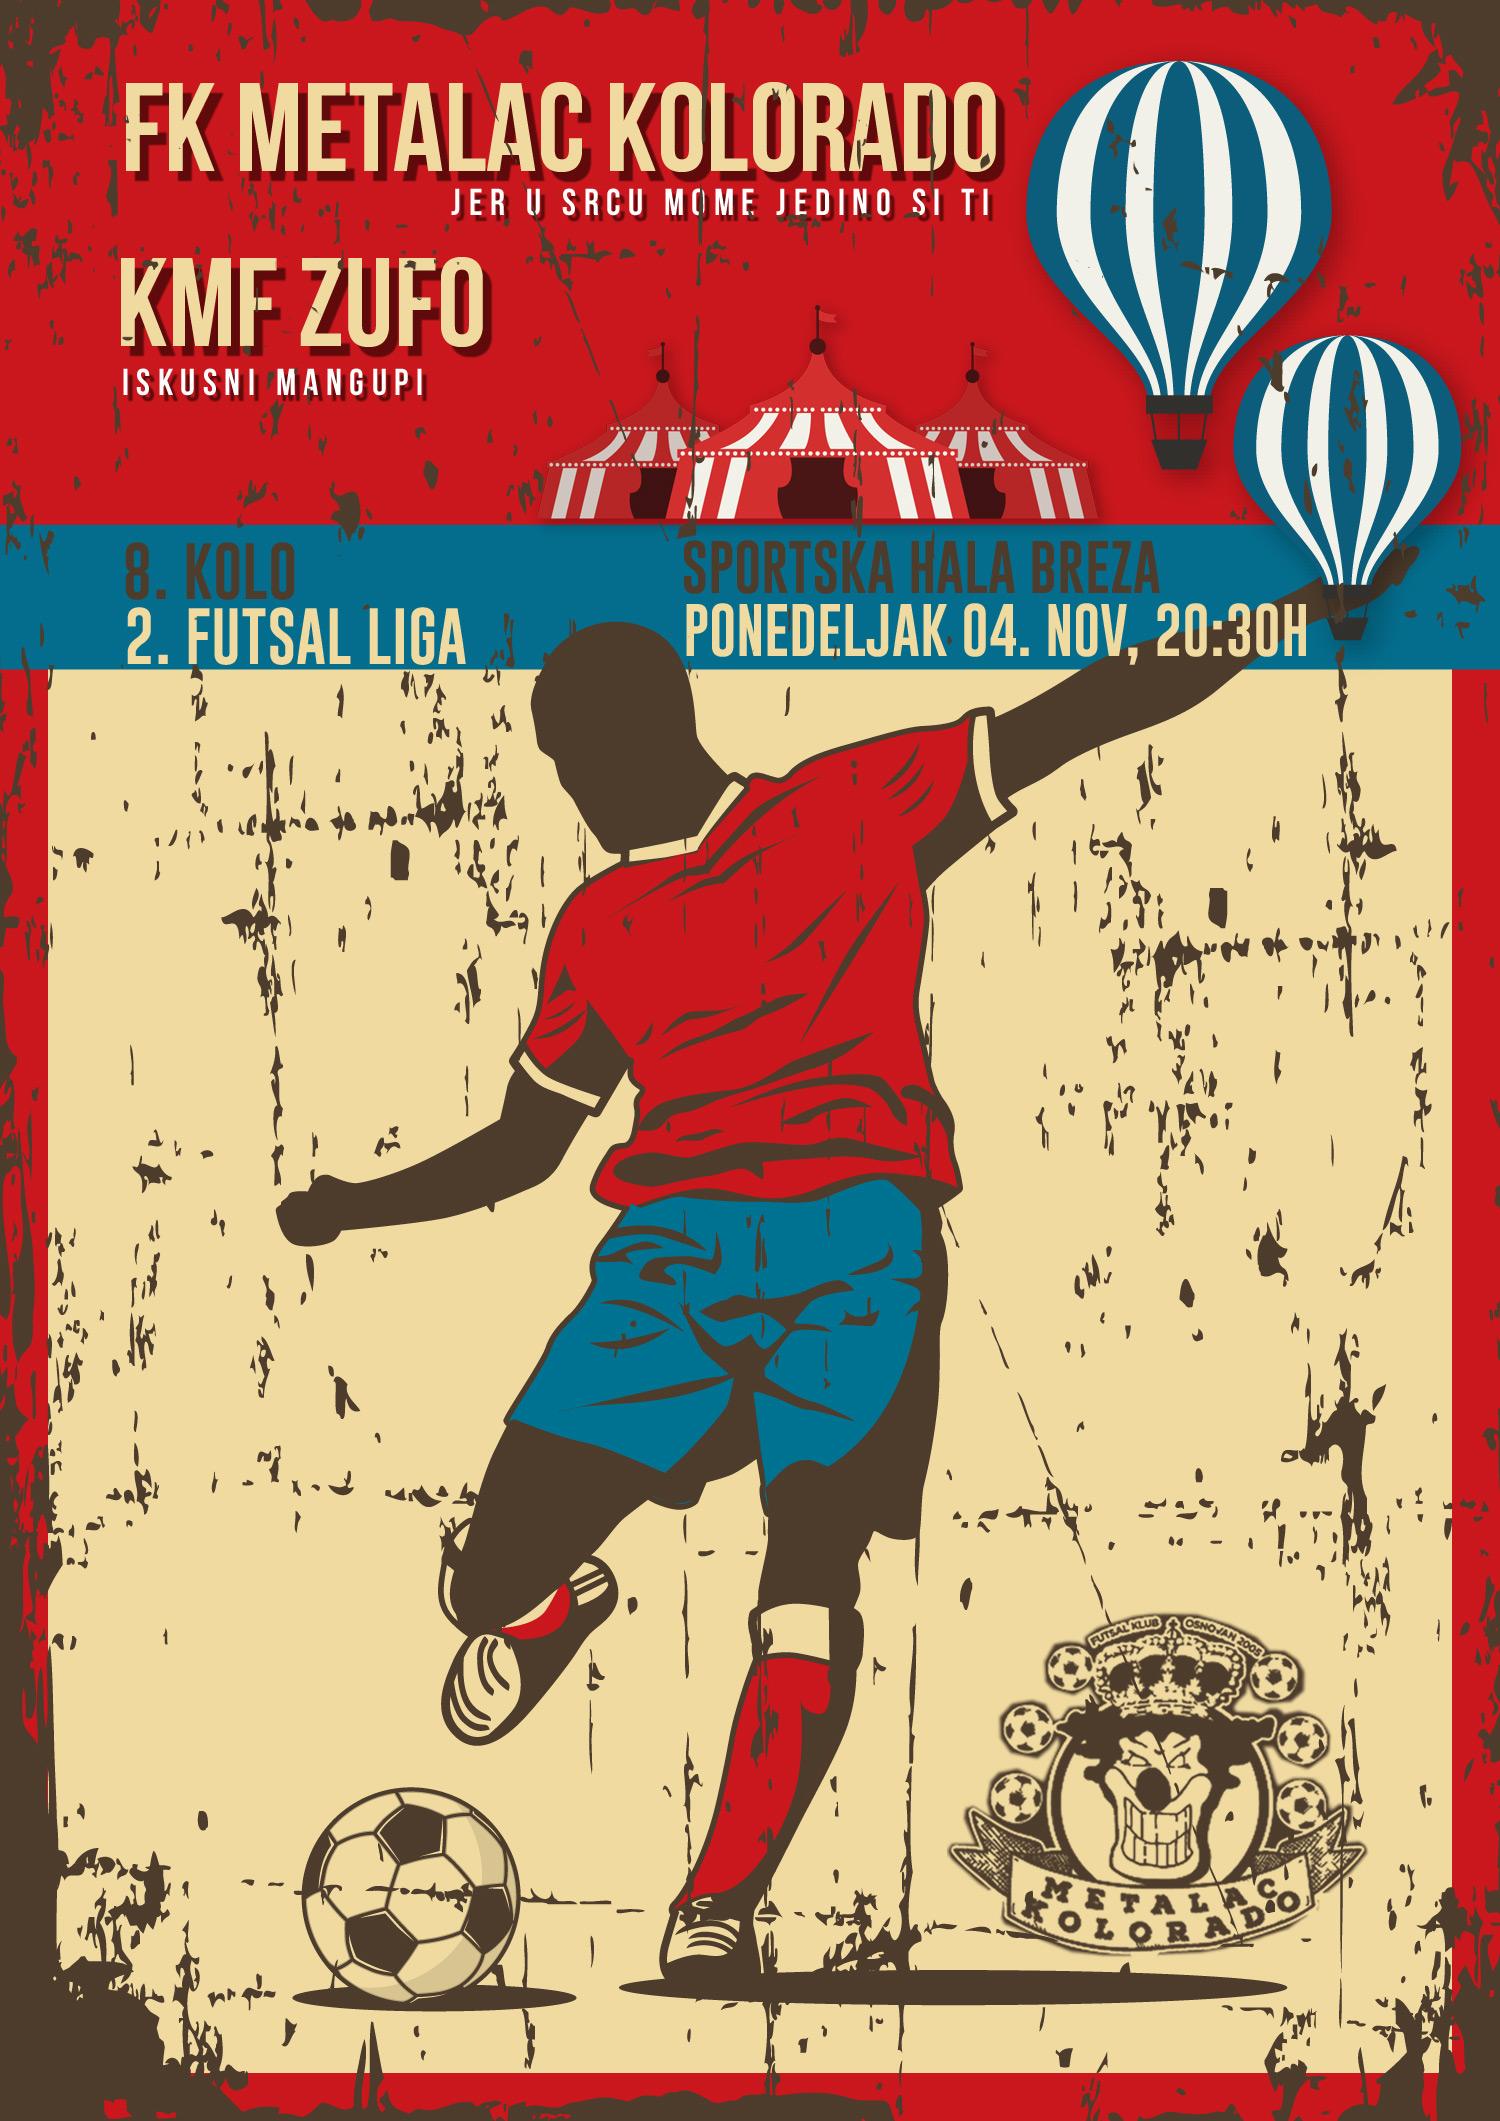 FK Metalac Kolorado